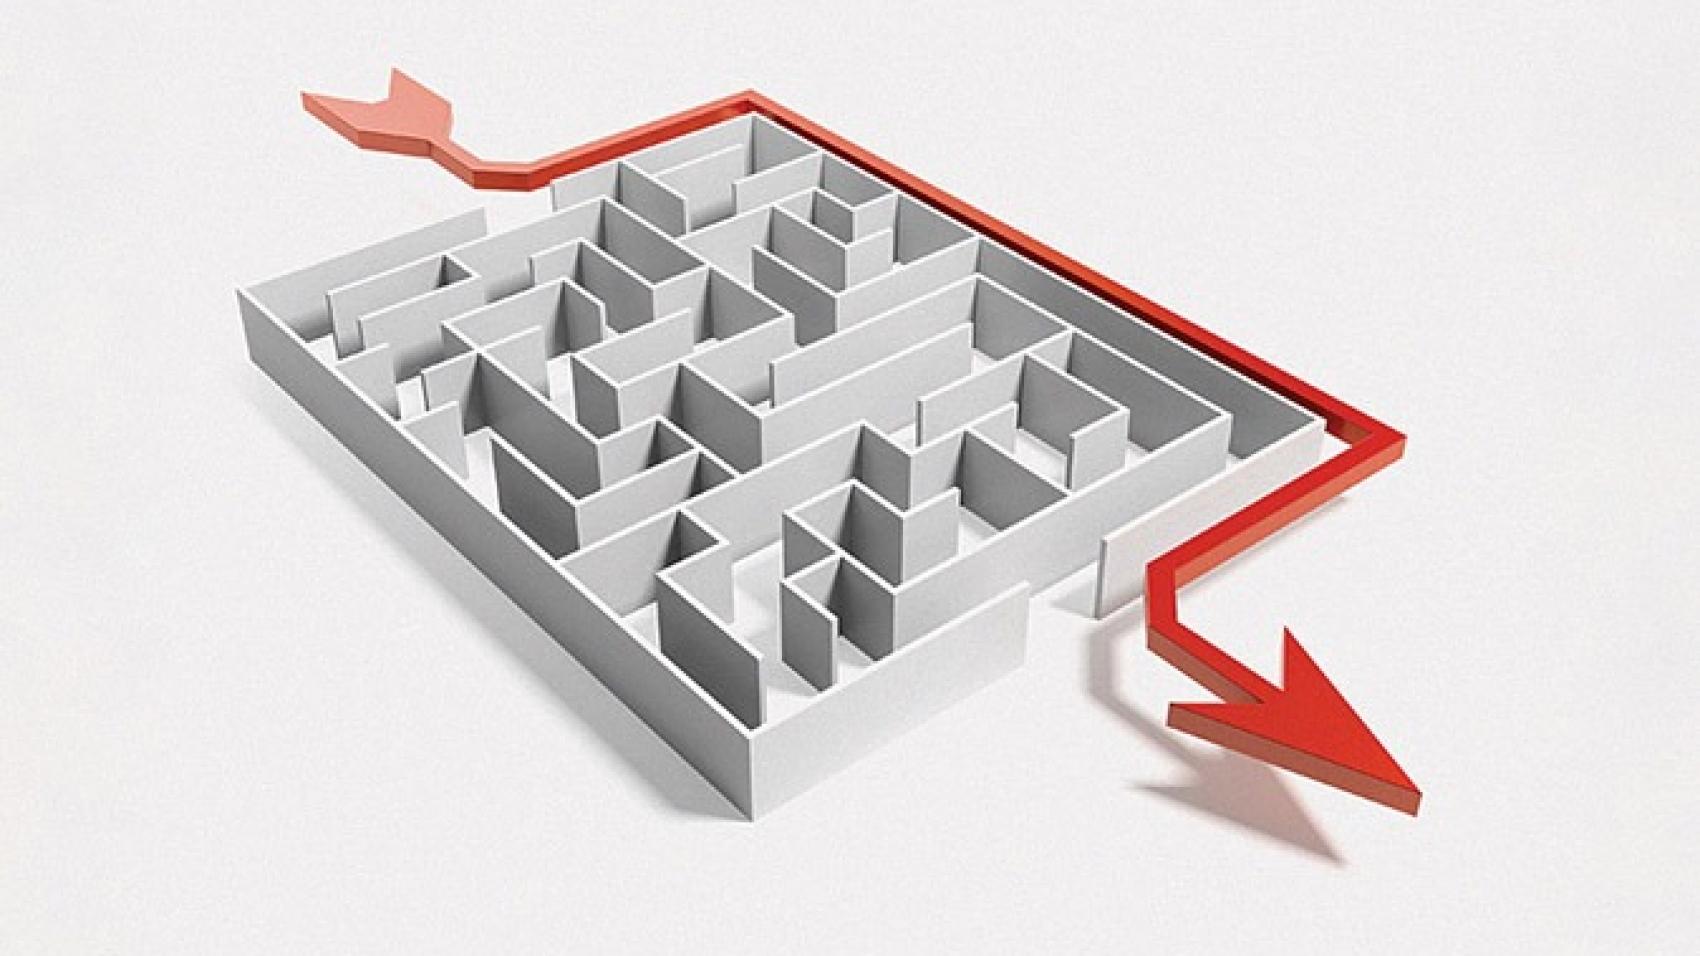 WC1216-FT4-Shortcut-p1FT-maze